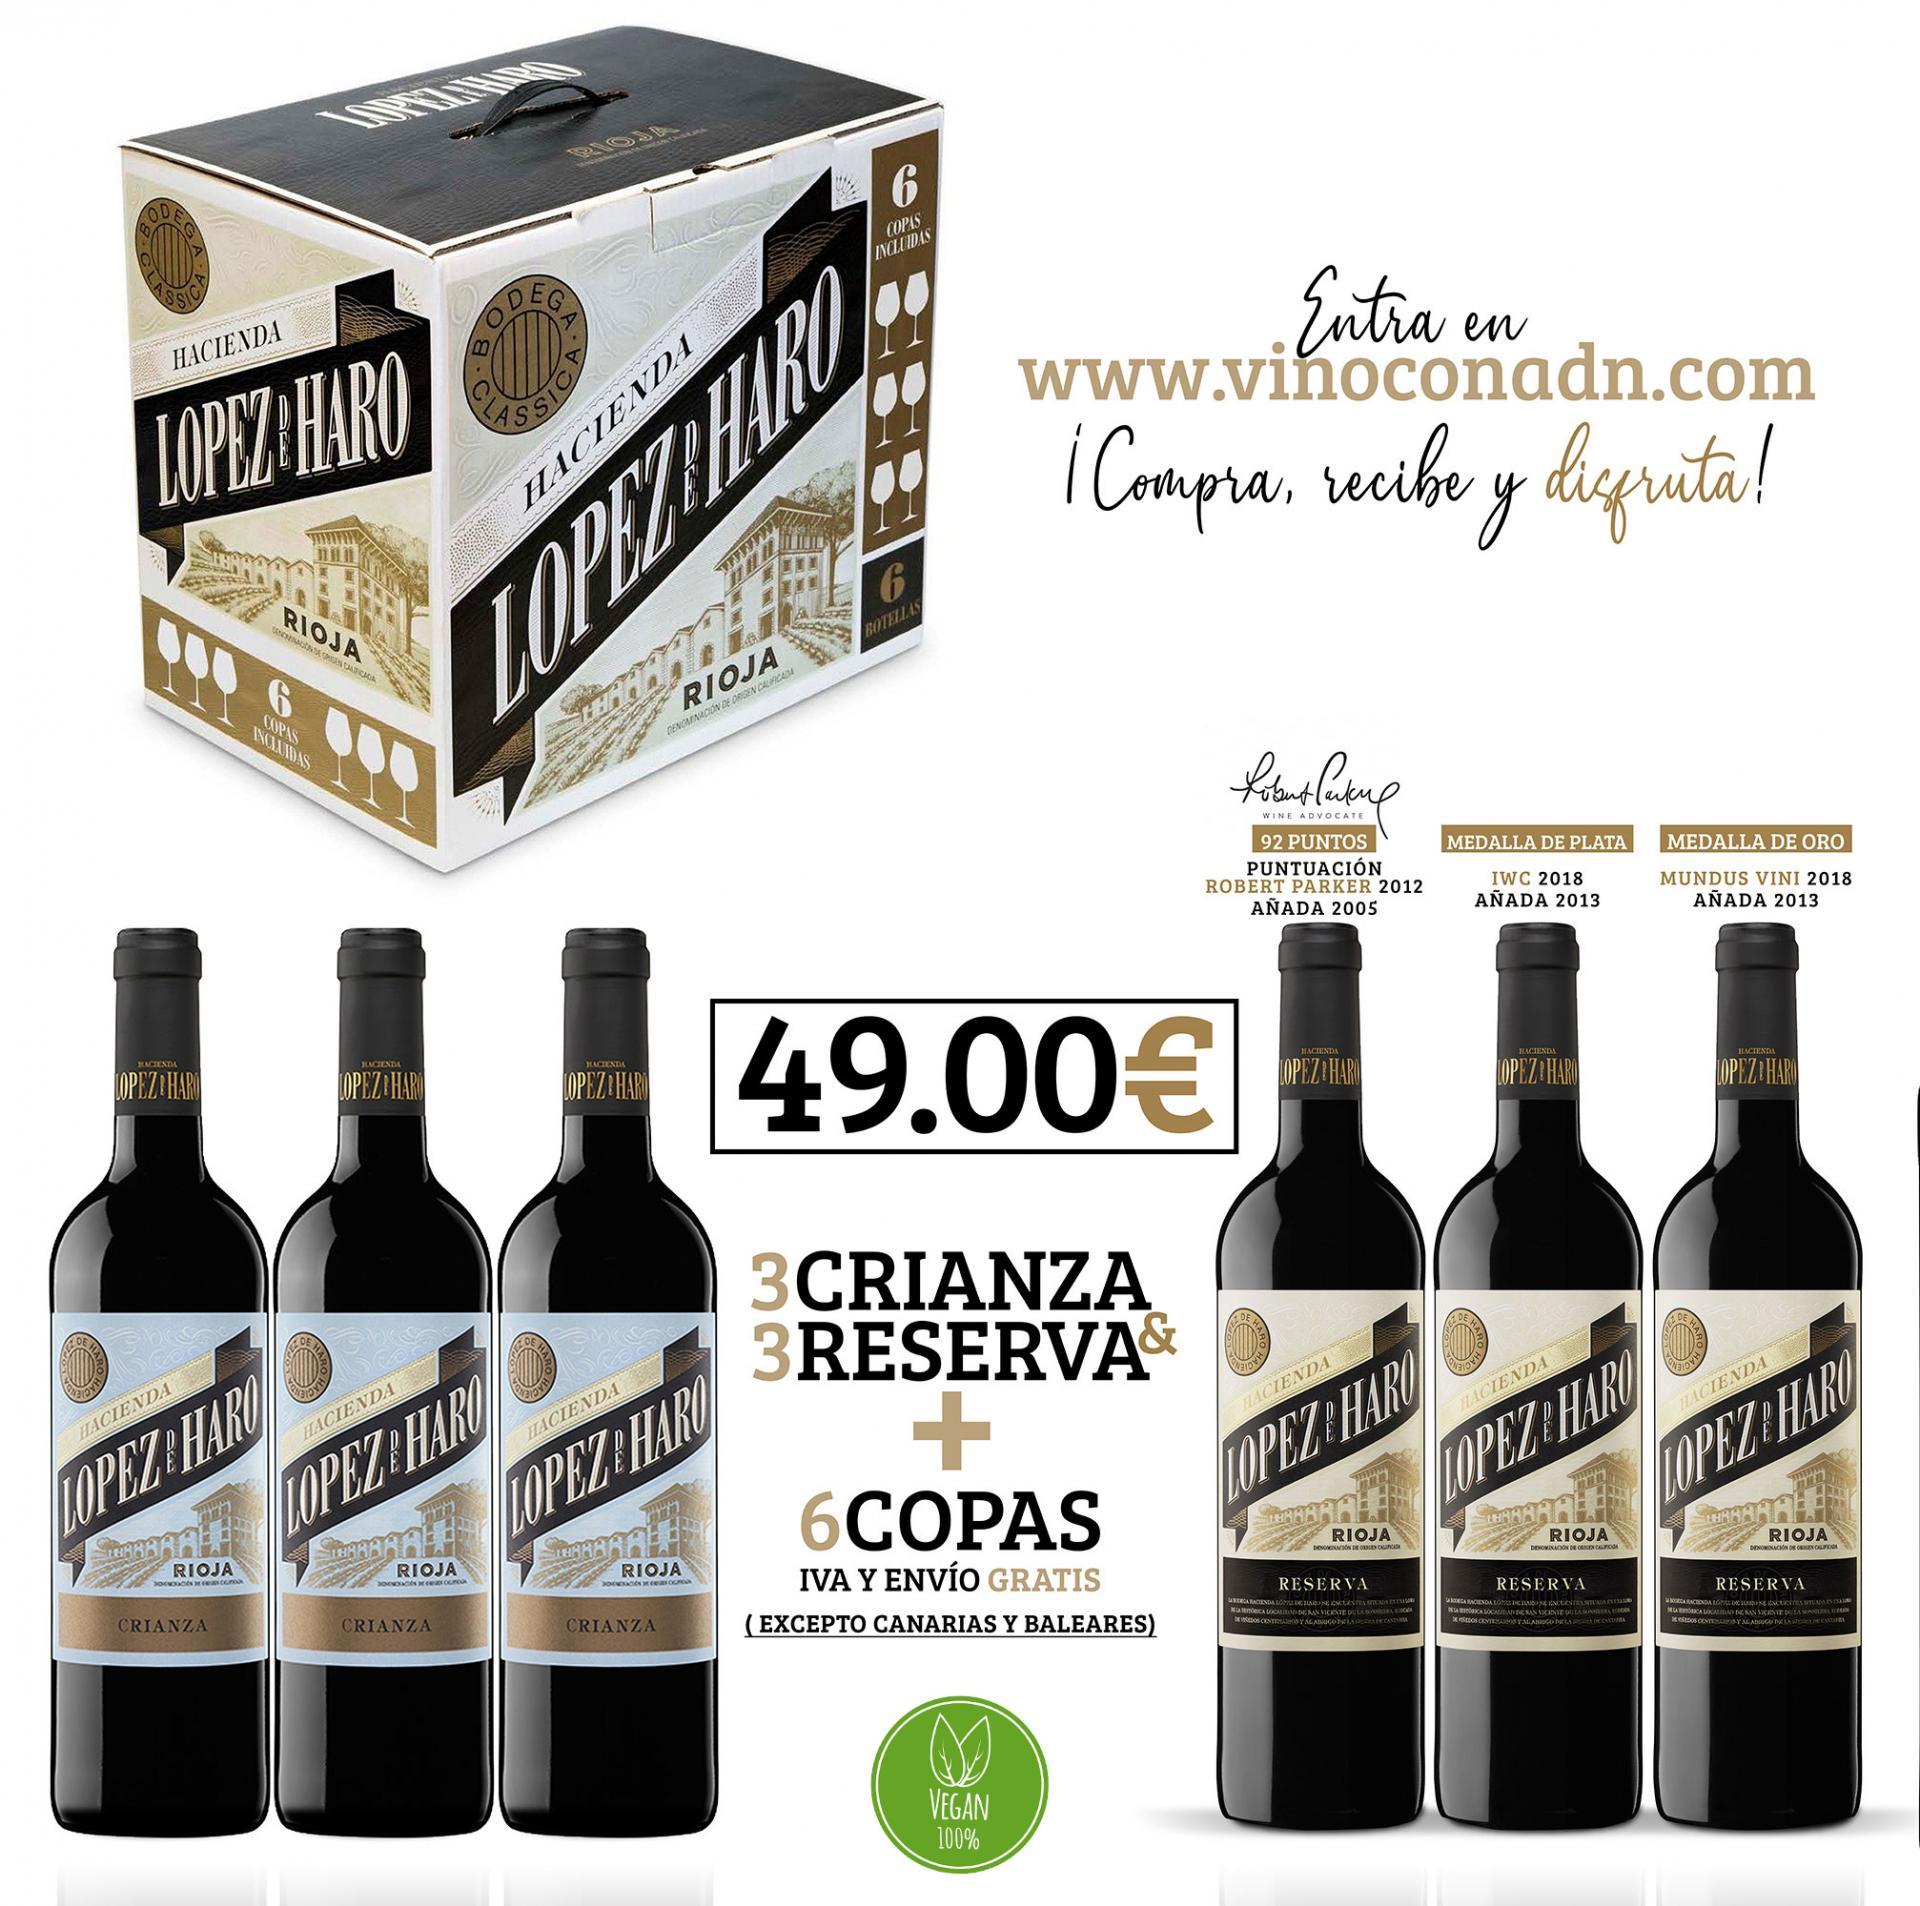 Lote Lopez de Haro + 6 copas